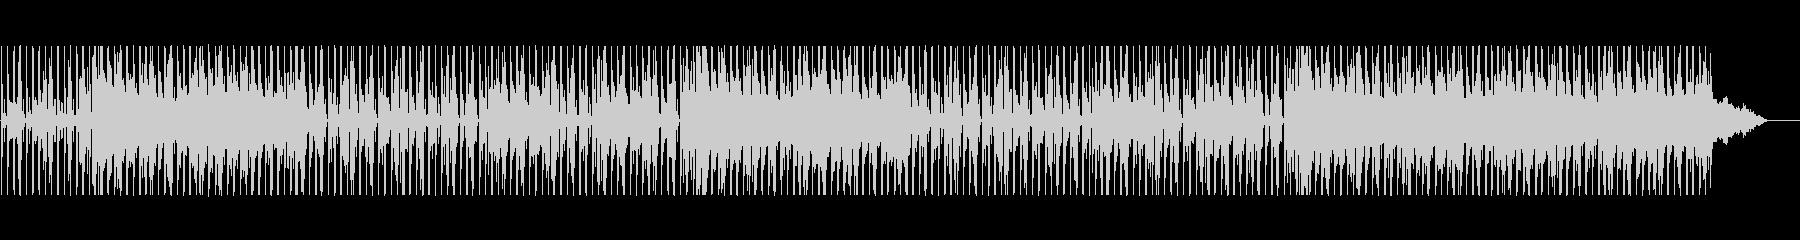 バンドっぽさを取り入れたスロービートの未再生の波形